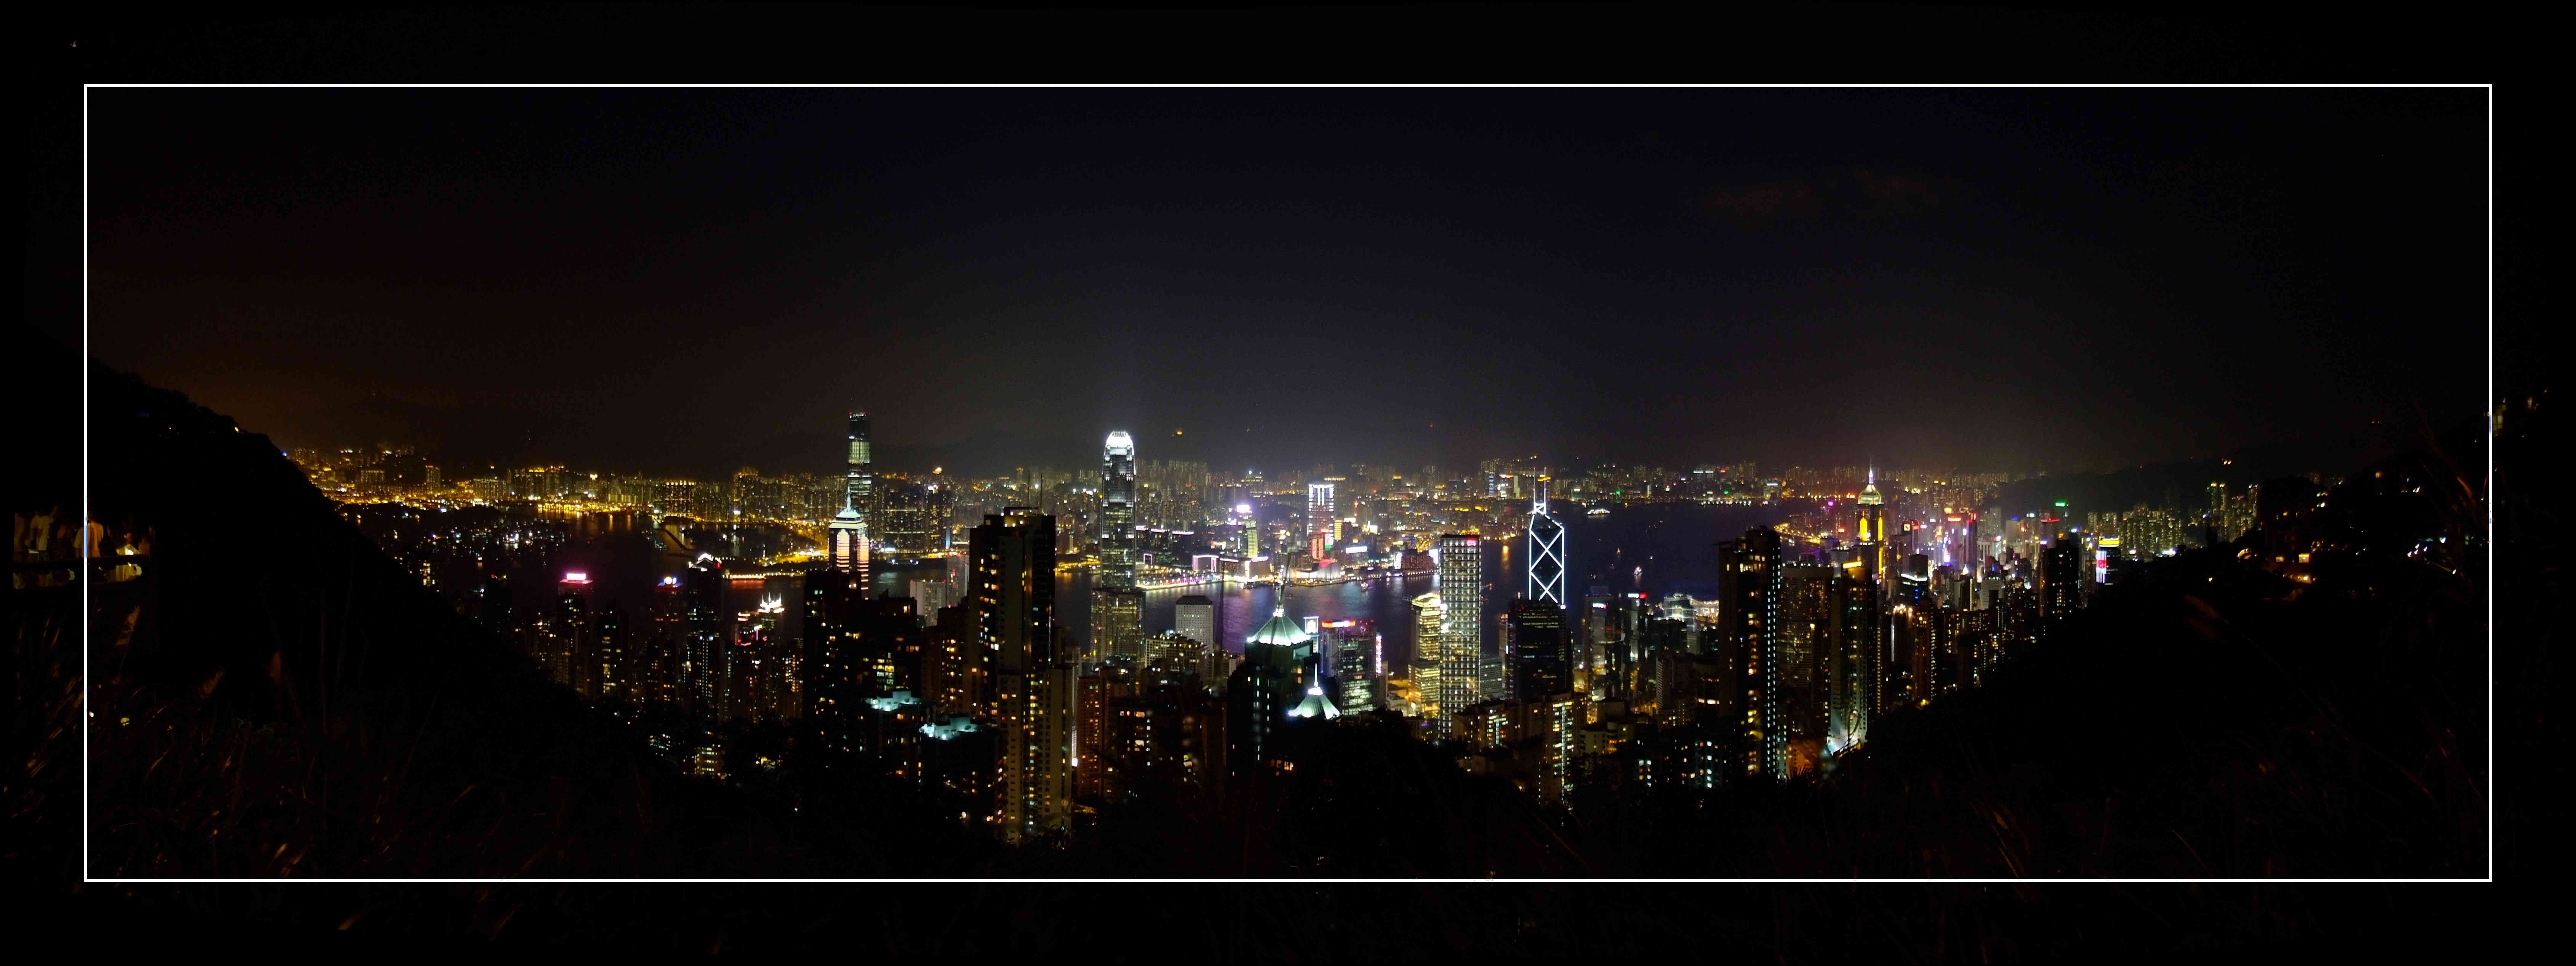 獅子亭方向香港夜景.jpg